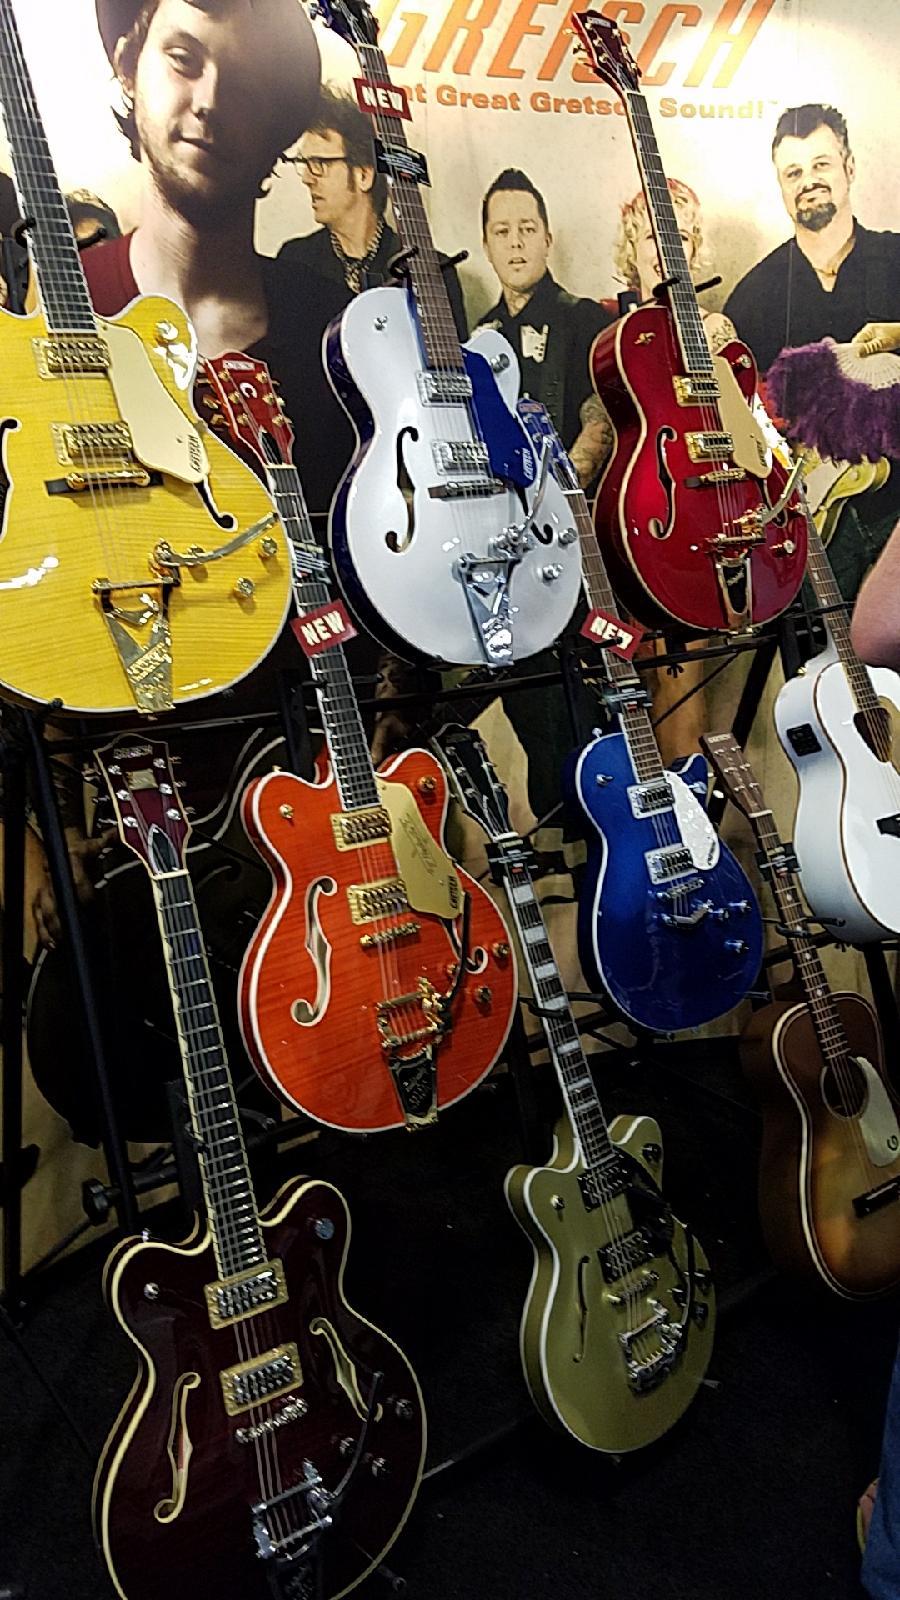 Gretsch Guitars Display Summer NAMM 2017